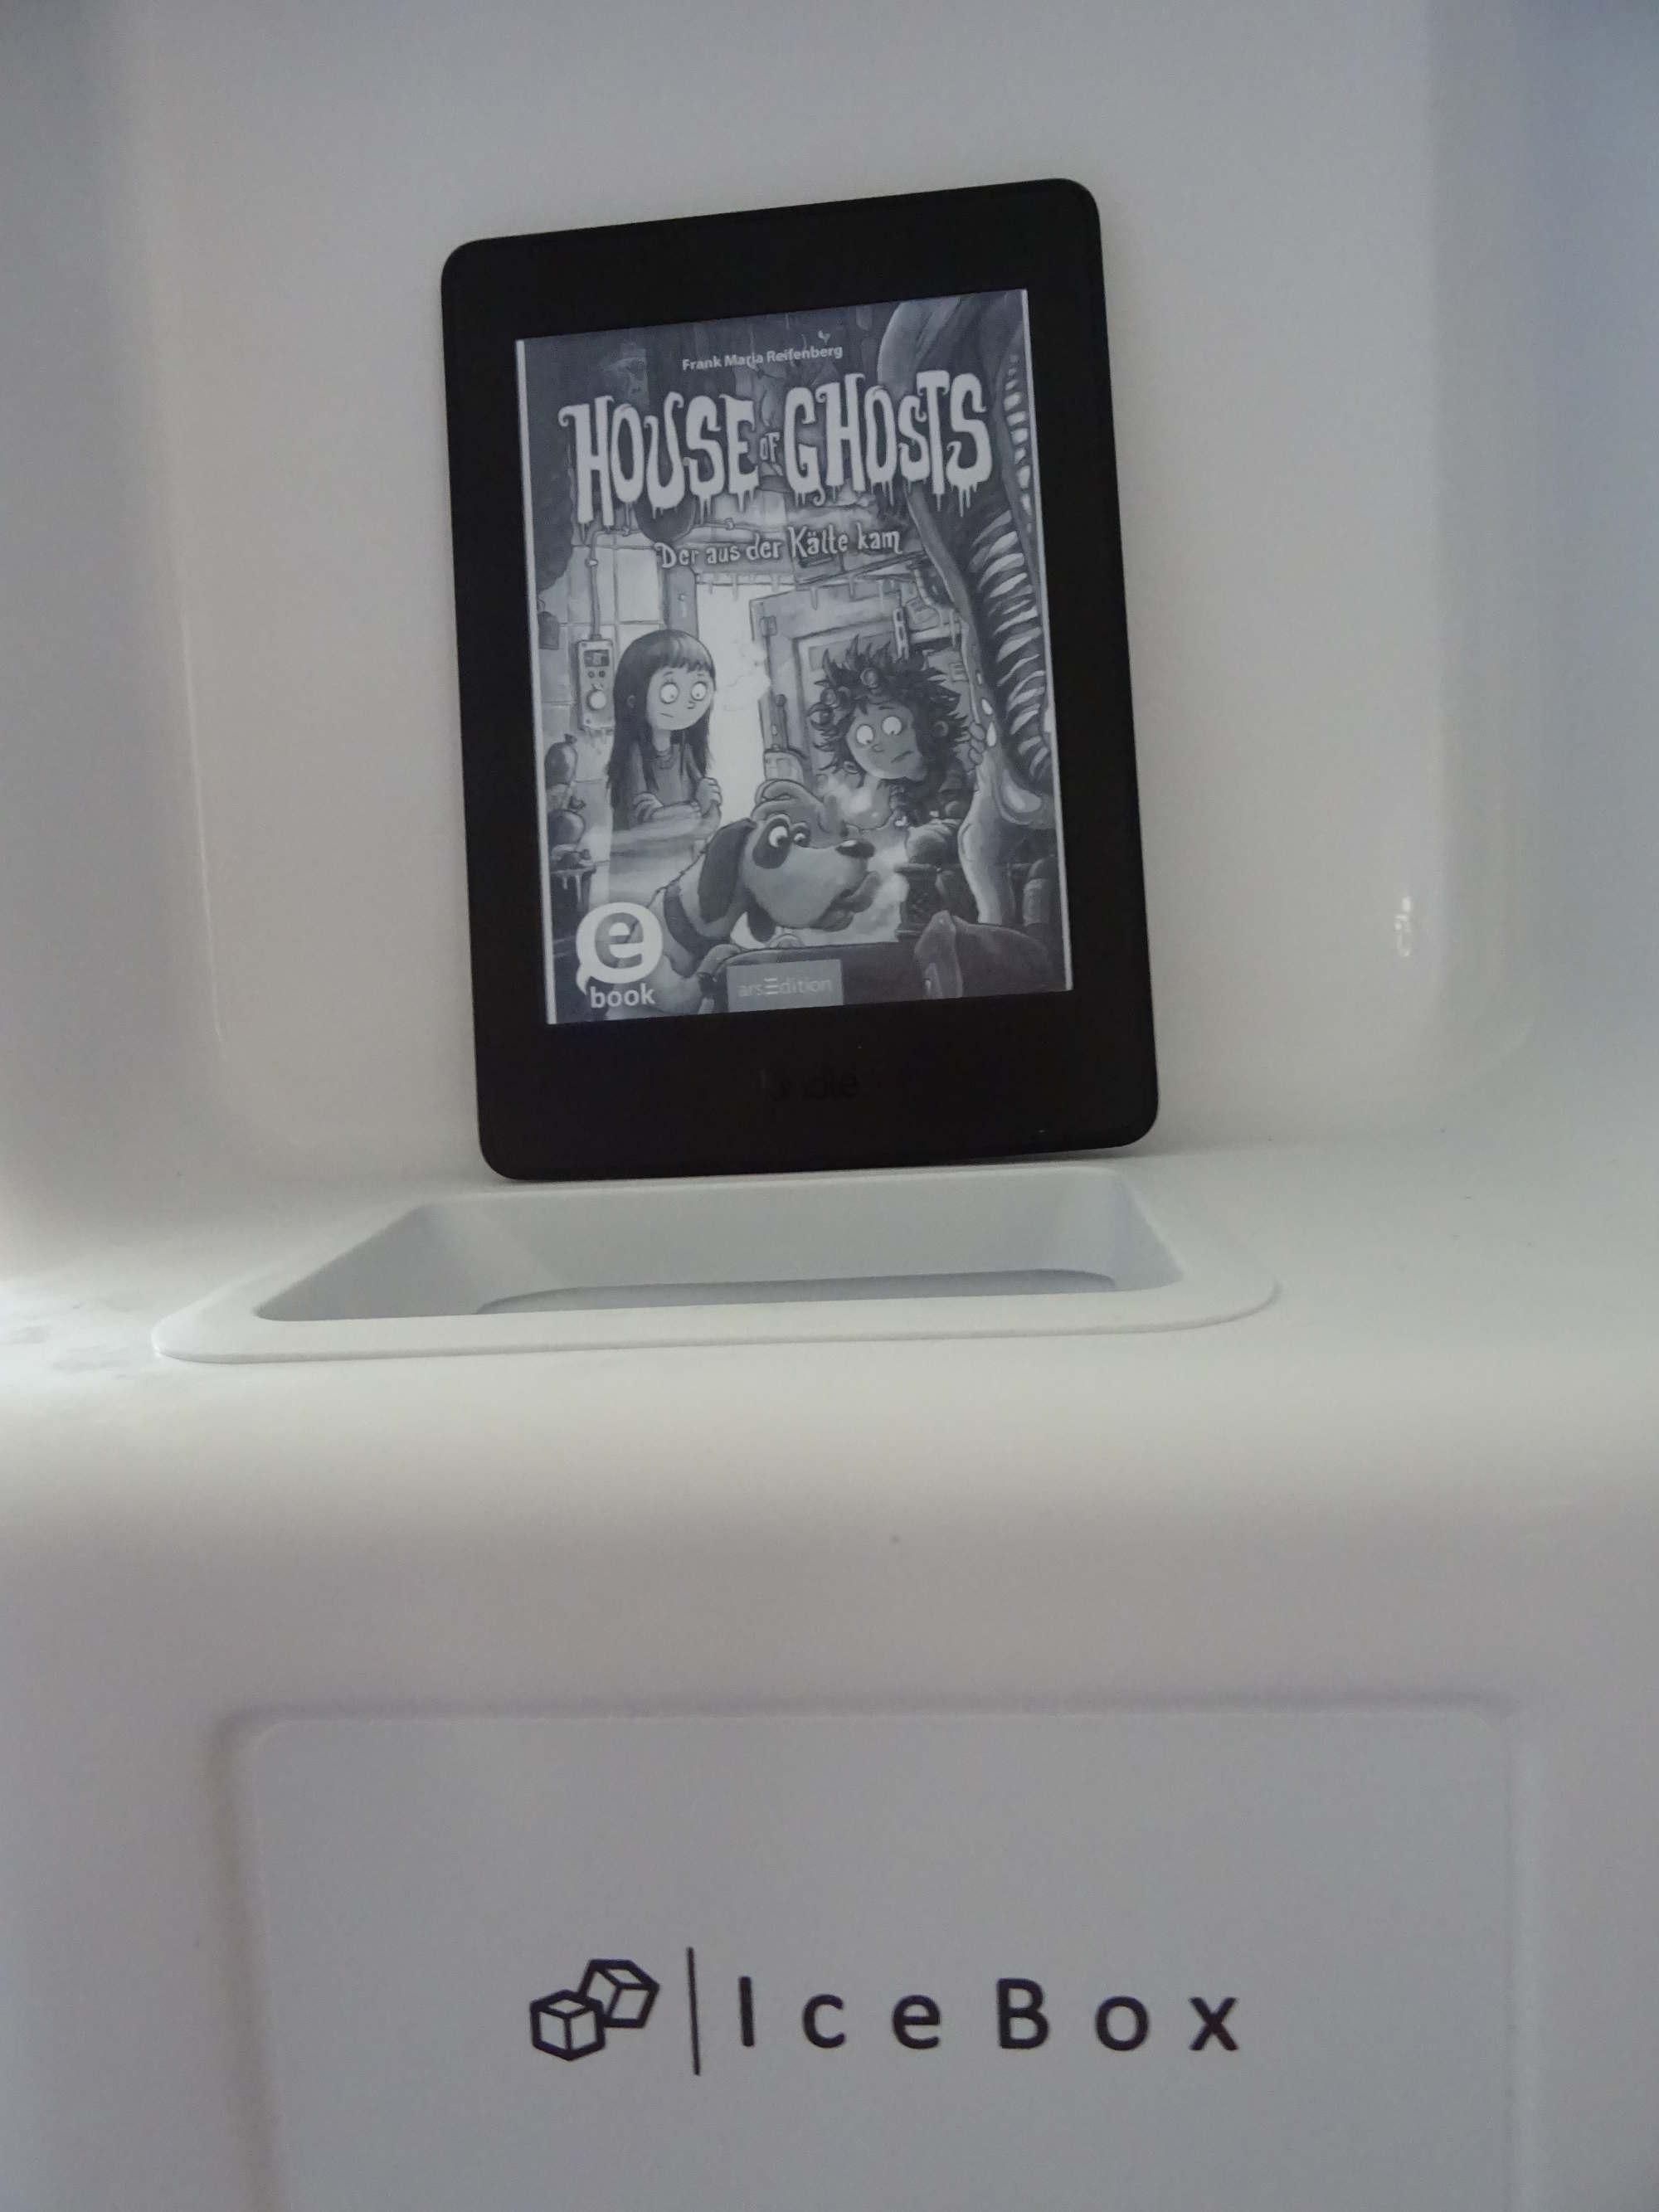 House of Ghosts, Der aus der Kälte kam - Frank M. Reifenberg